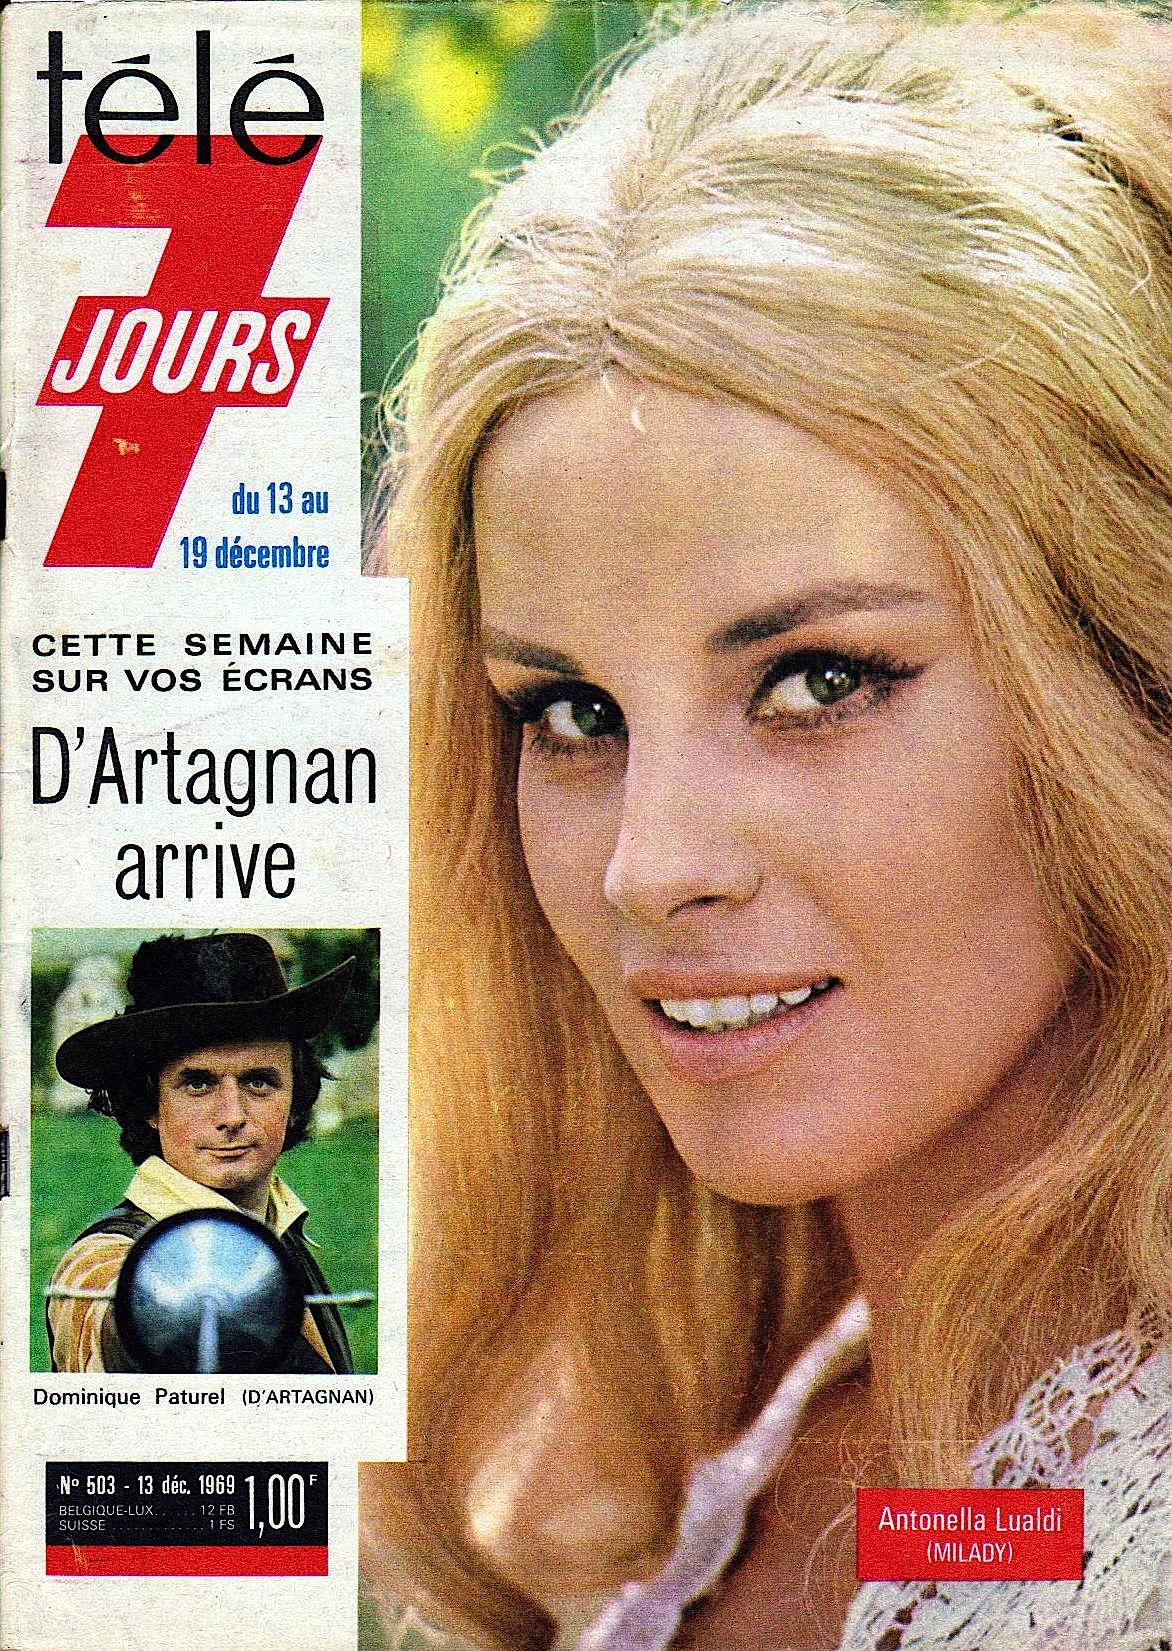 antonella_lualdi_1969_tele-7-copertina